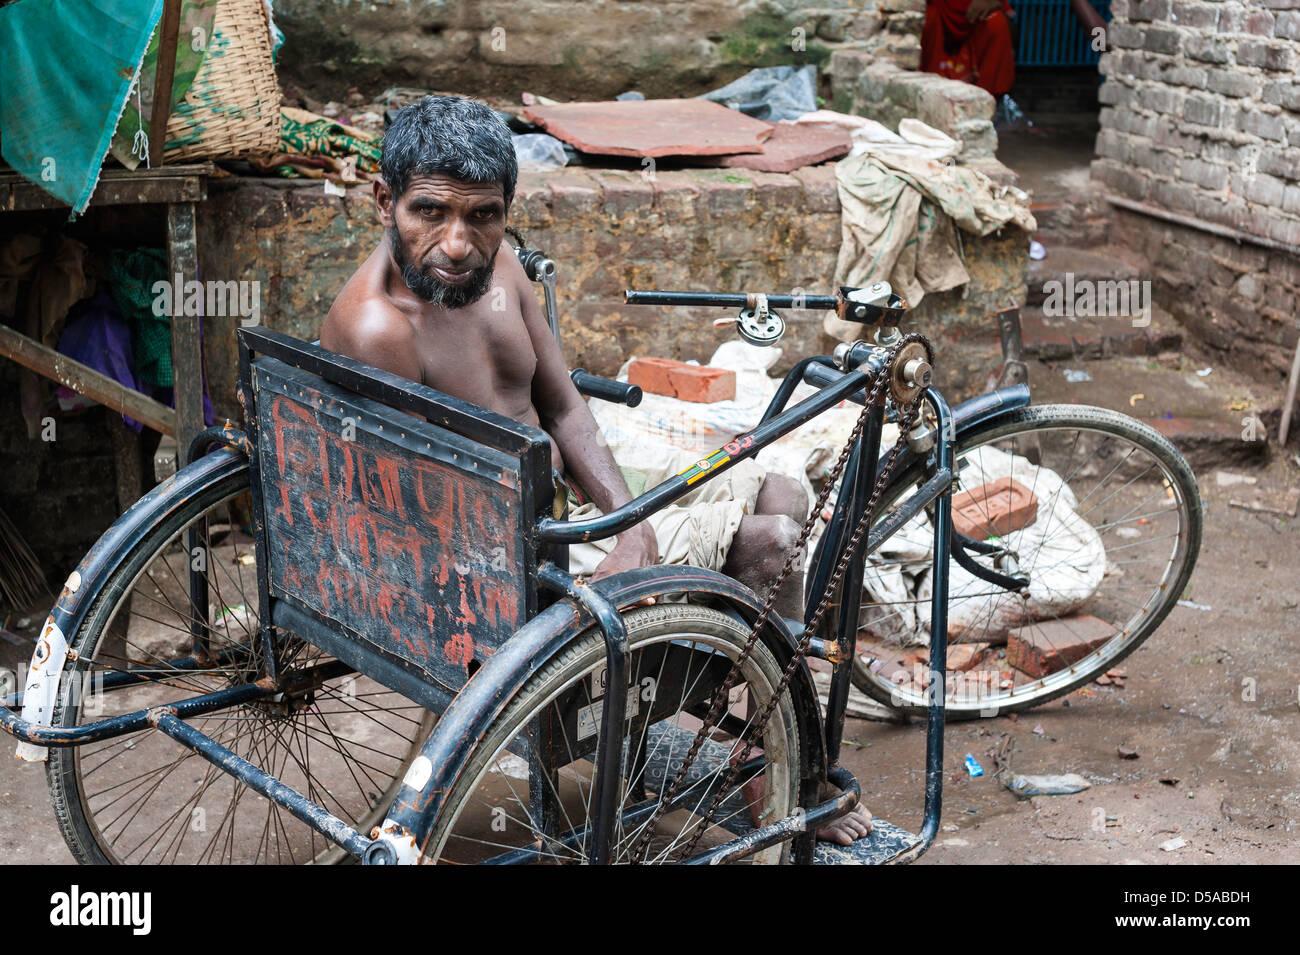 Menschen mit Behinderung in der angepassten Dreirad betteln in Nizamuddin, einem alten Teil von Delhi, Indien. Stockbild